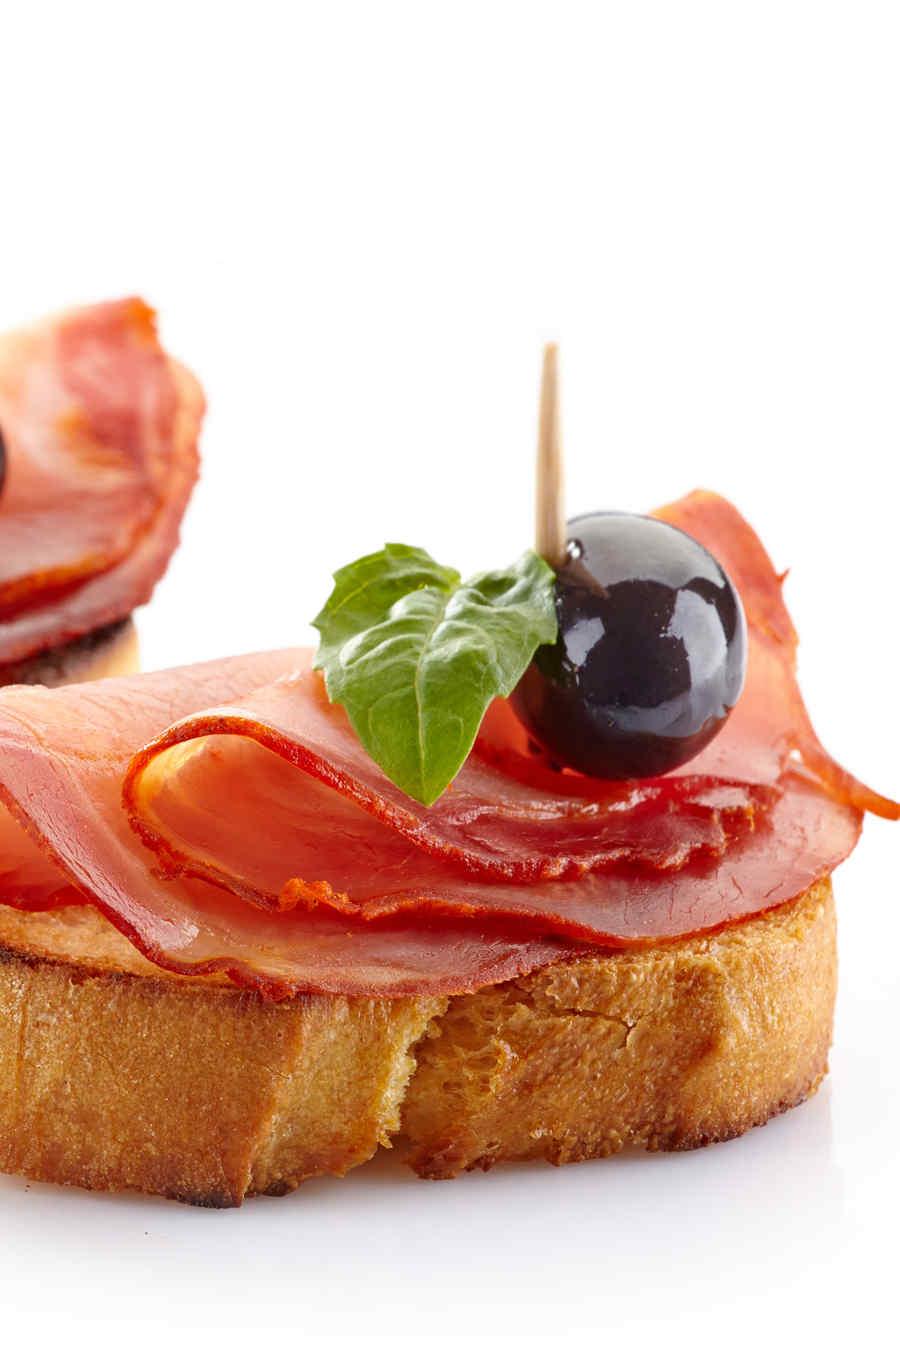 Tostada con jamón, aceitunas y albahaca